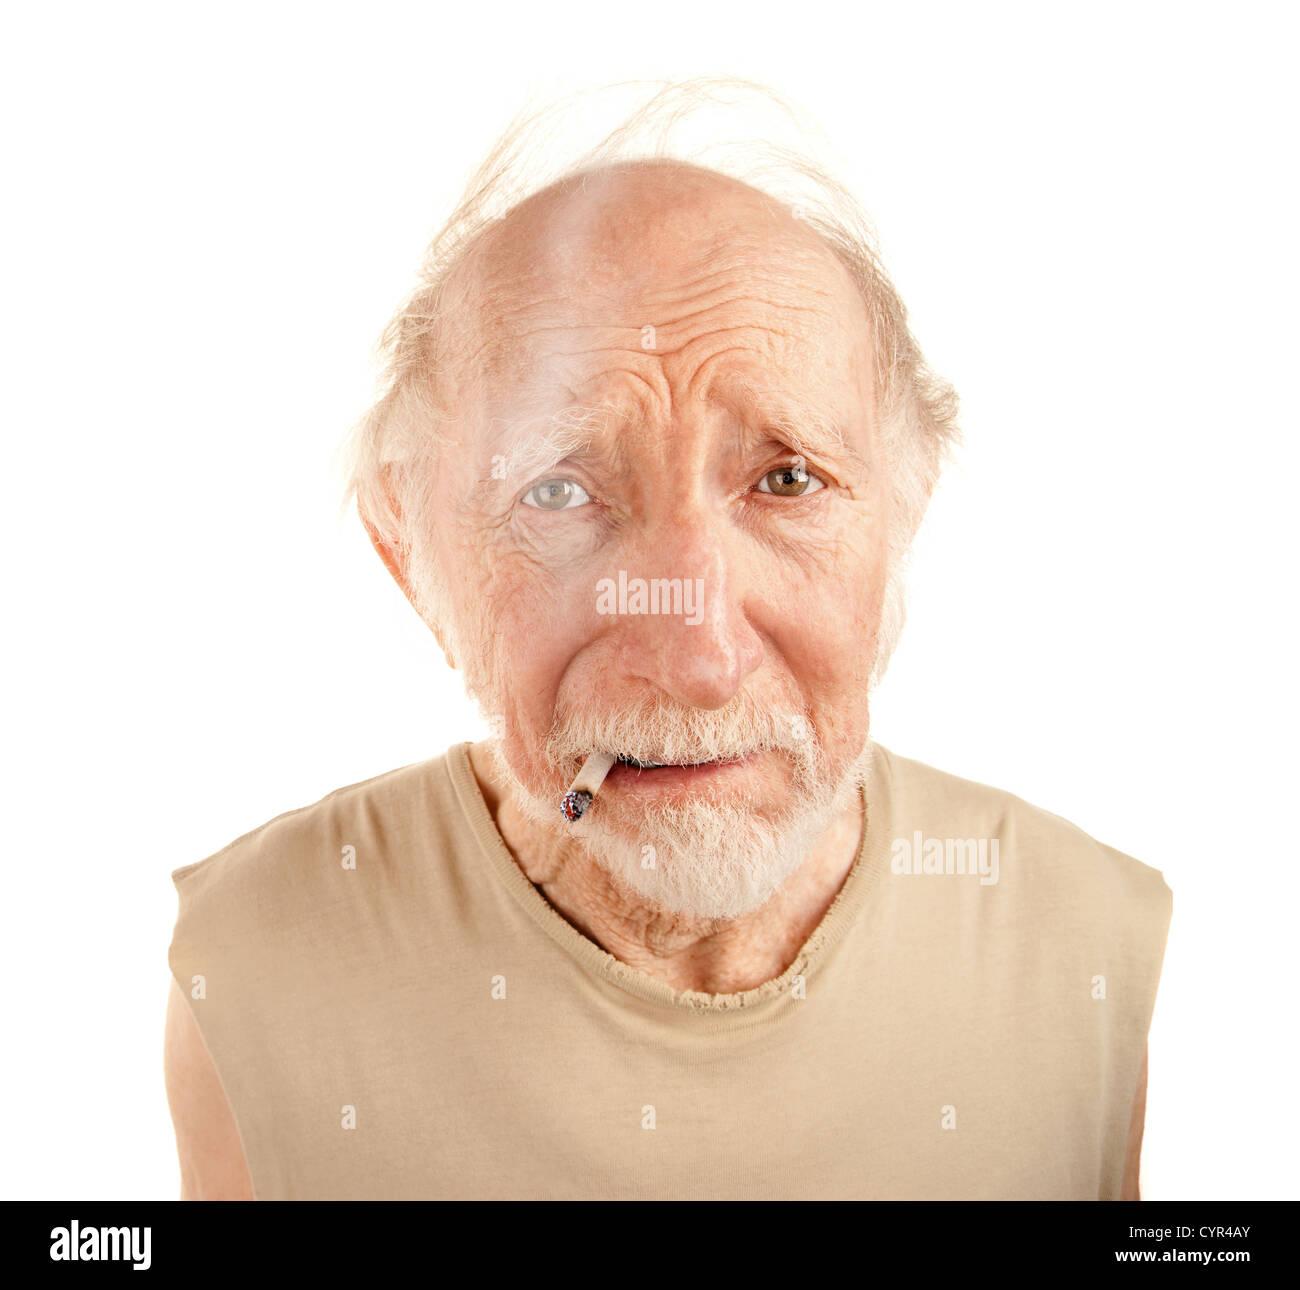 Indigent senior man in ragged sgirt smoking cigarette - Stock Image